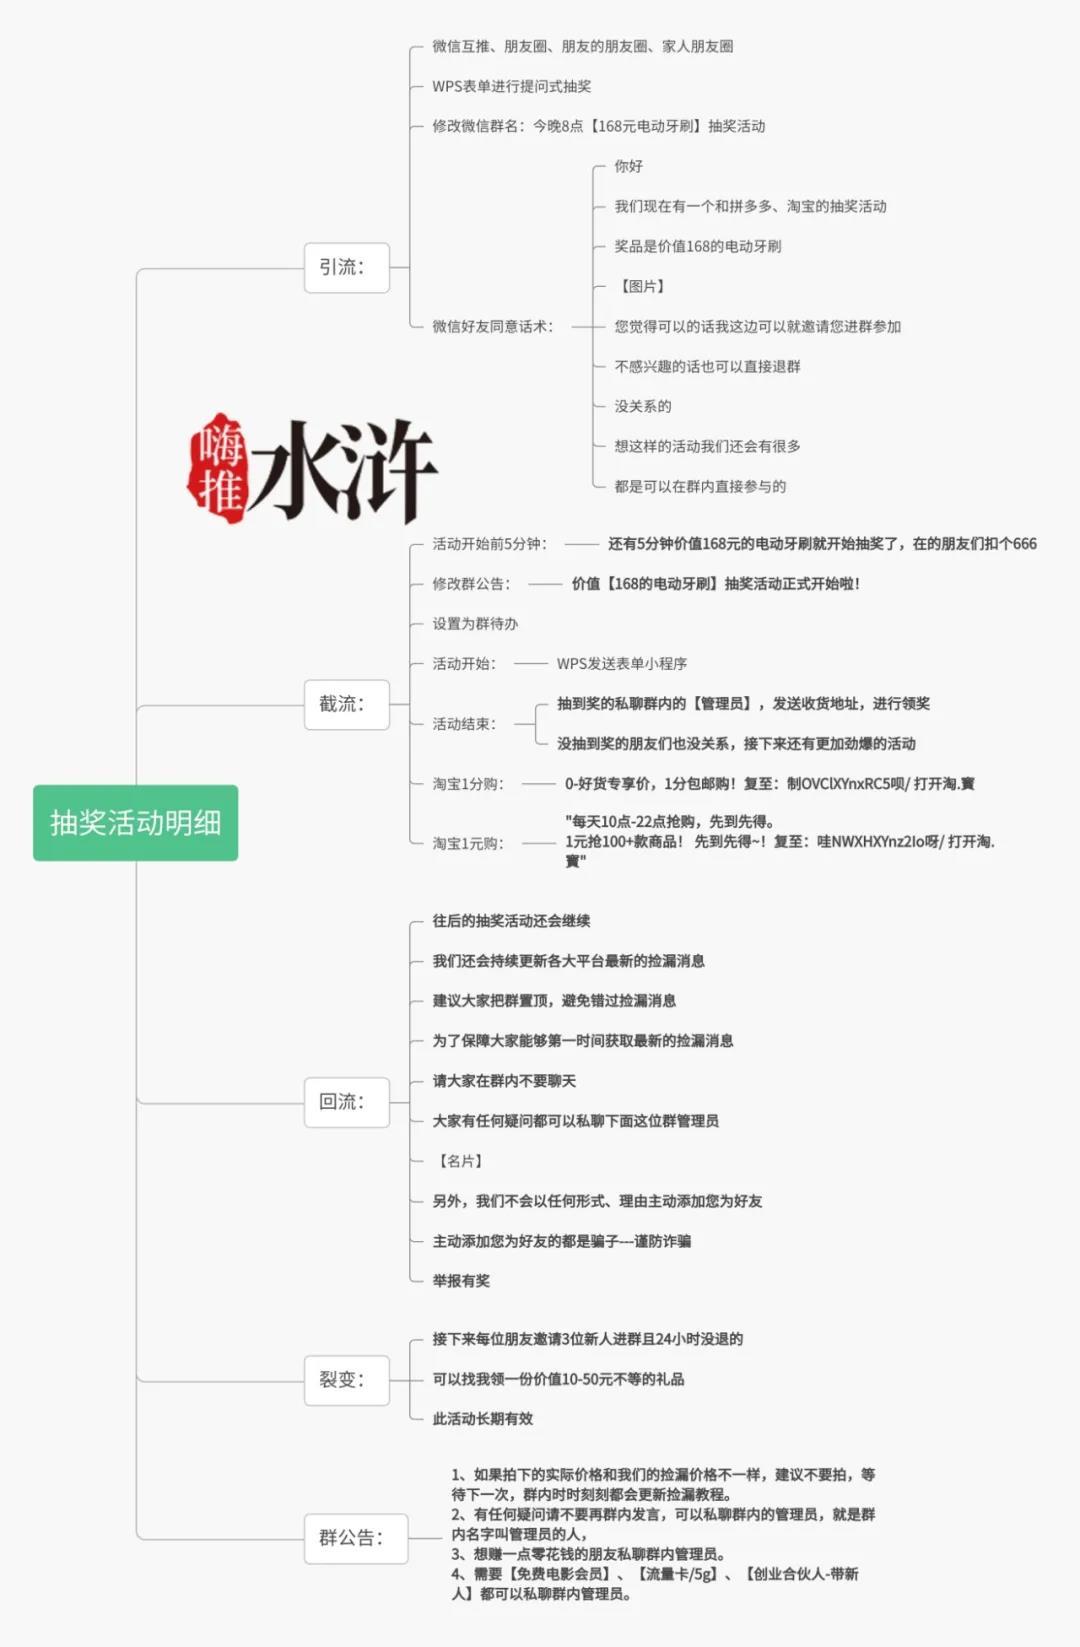 水滸老楊:私域流量擴裂玩法,一天加微信粉1000個!